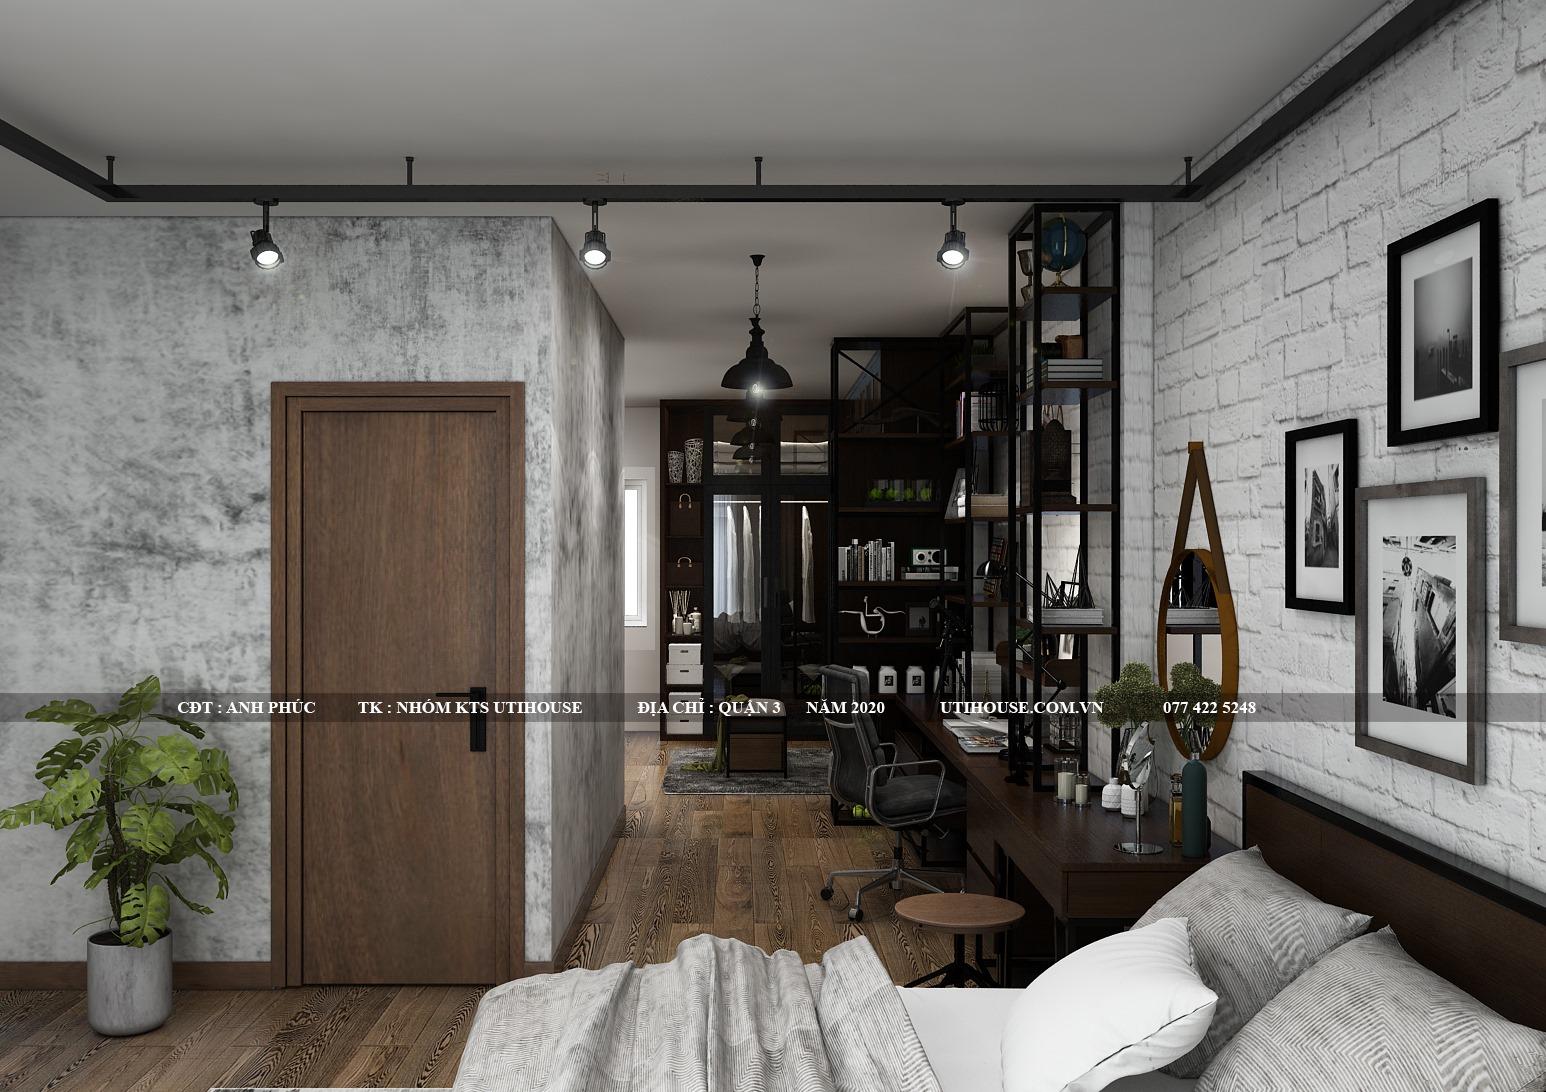 Lợi thế của thiết kế phòng ngủ kiêm phòng làm việc hiện đại